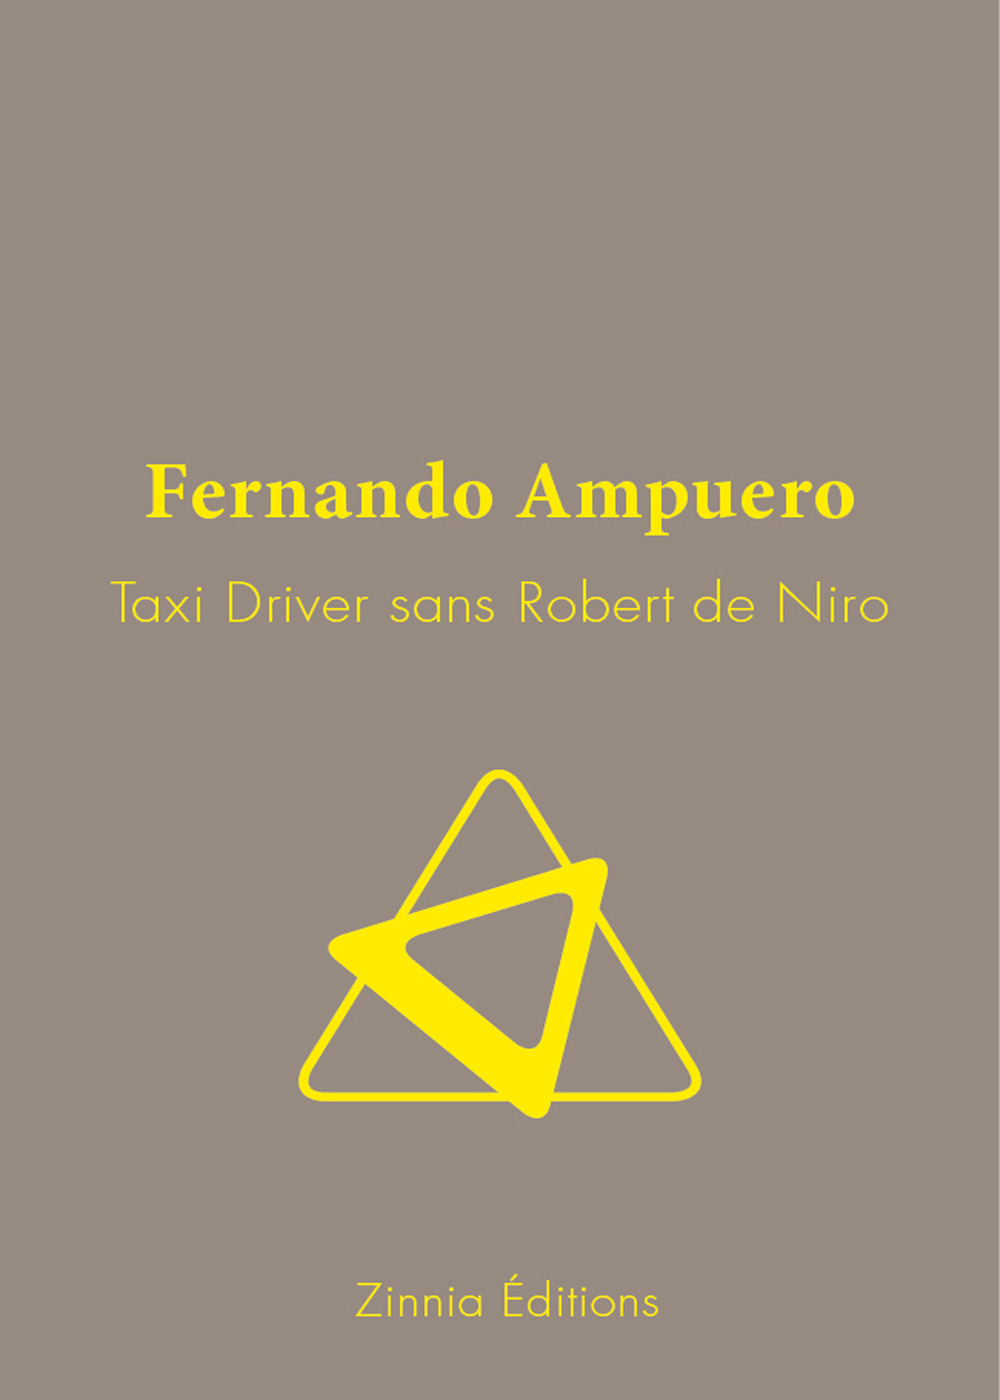 Fernando Ampuero Taxi Driver sans Robert de Niro